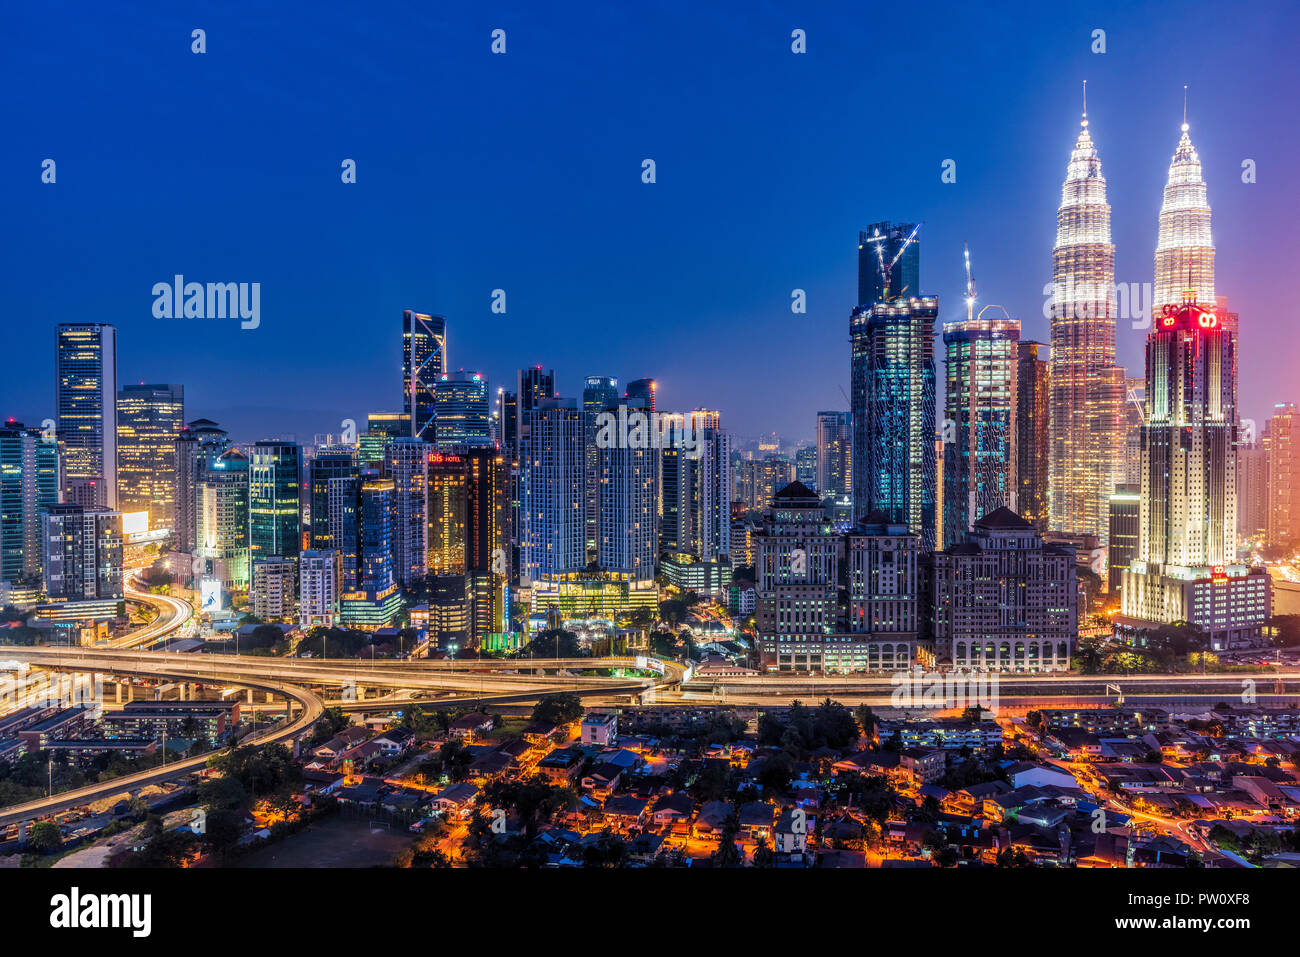 City skyline at night, Kuala Lumpur, Malaysia - Stock Image